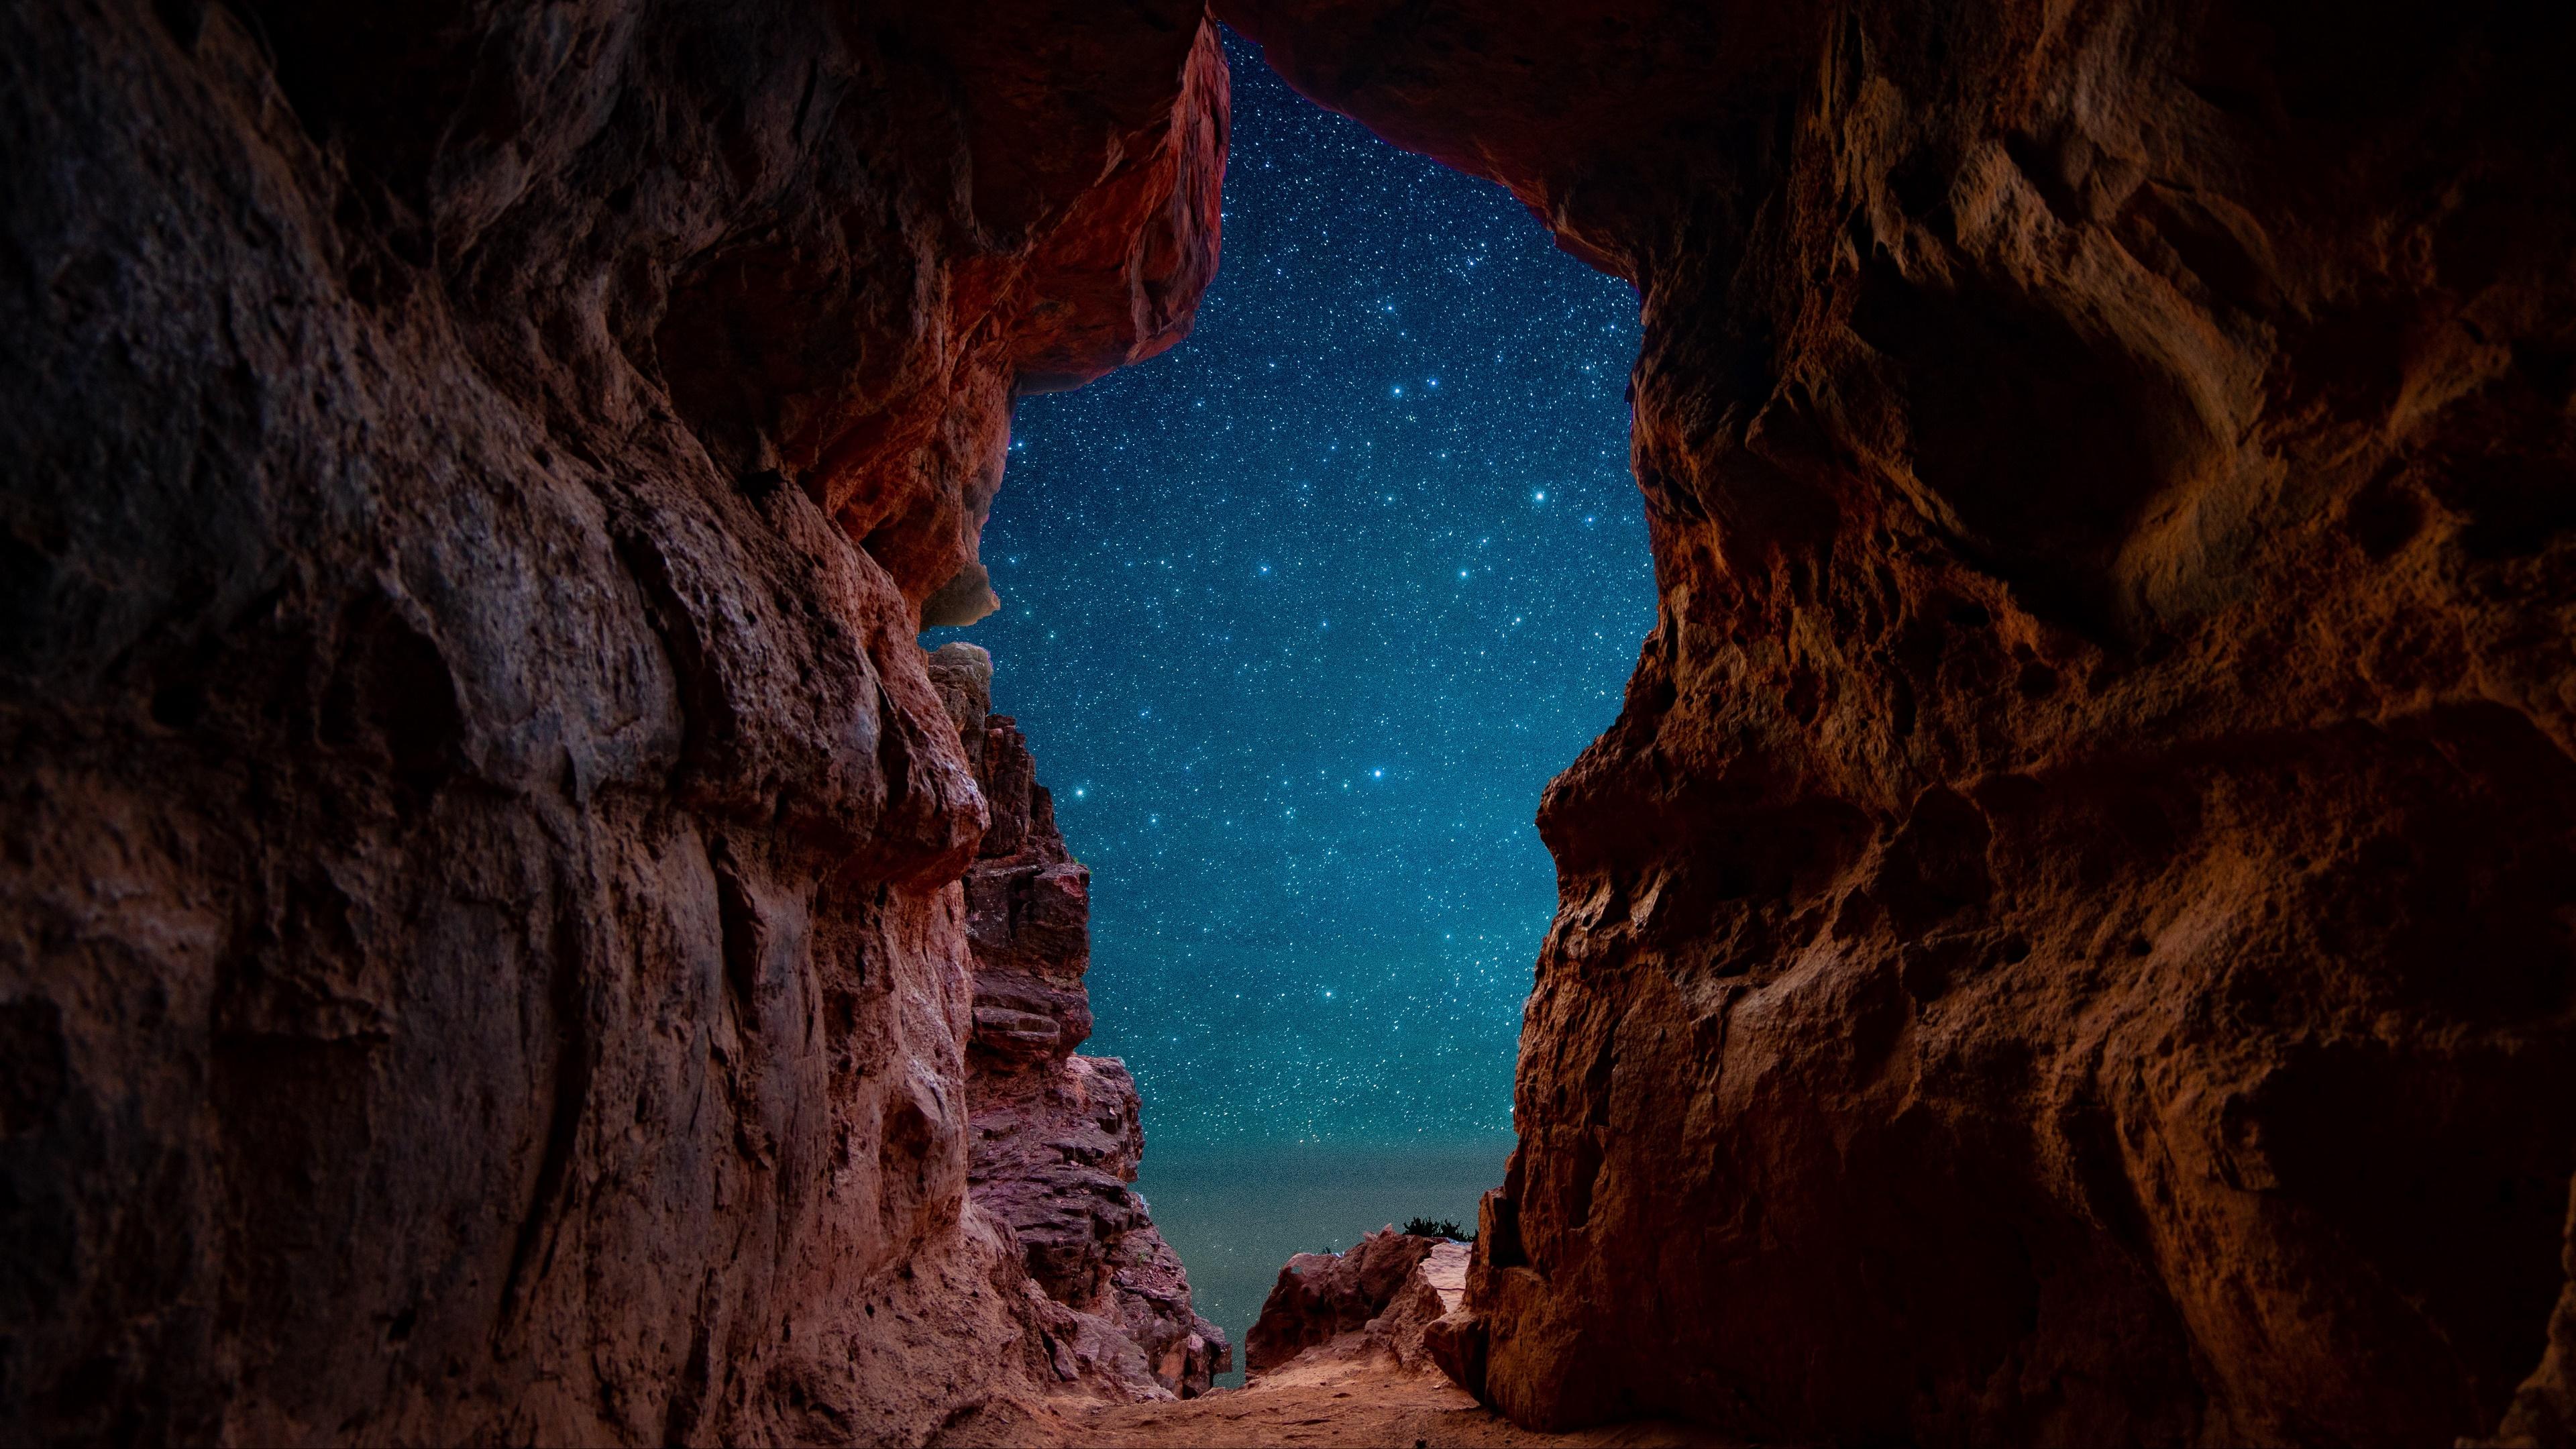 Cave Night Sky Starry Sky Stars 3840x2160